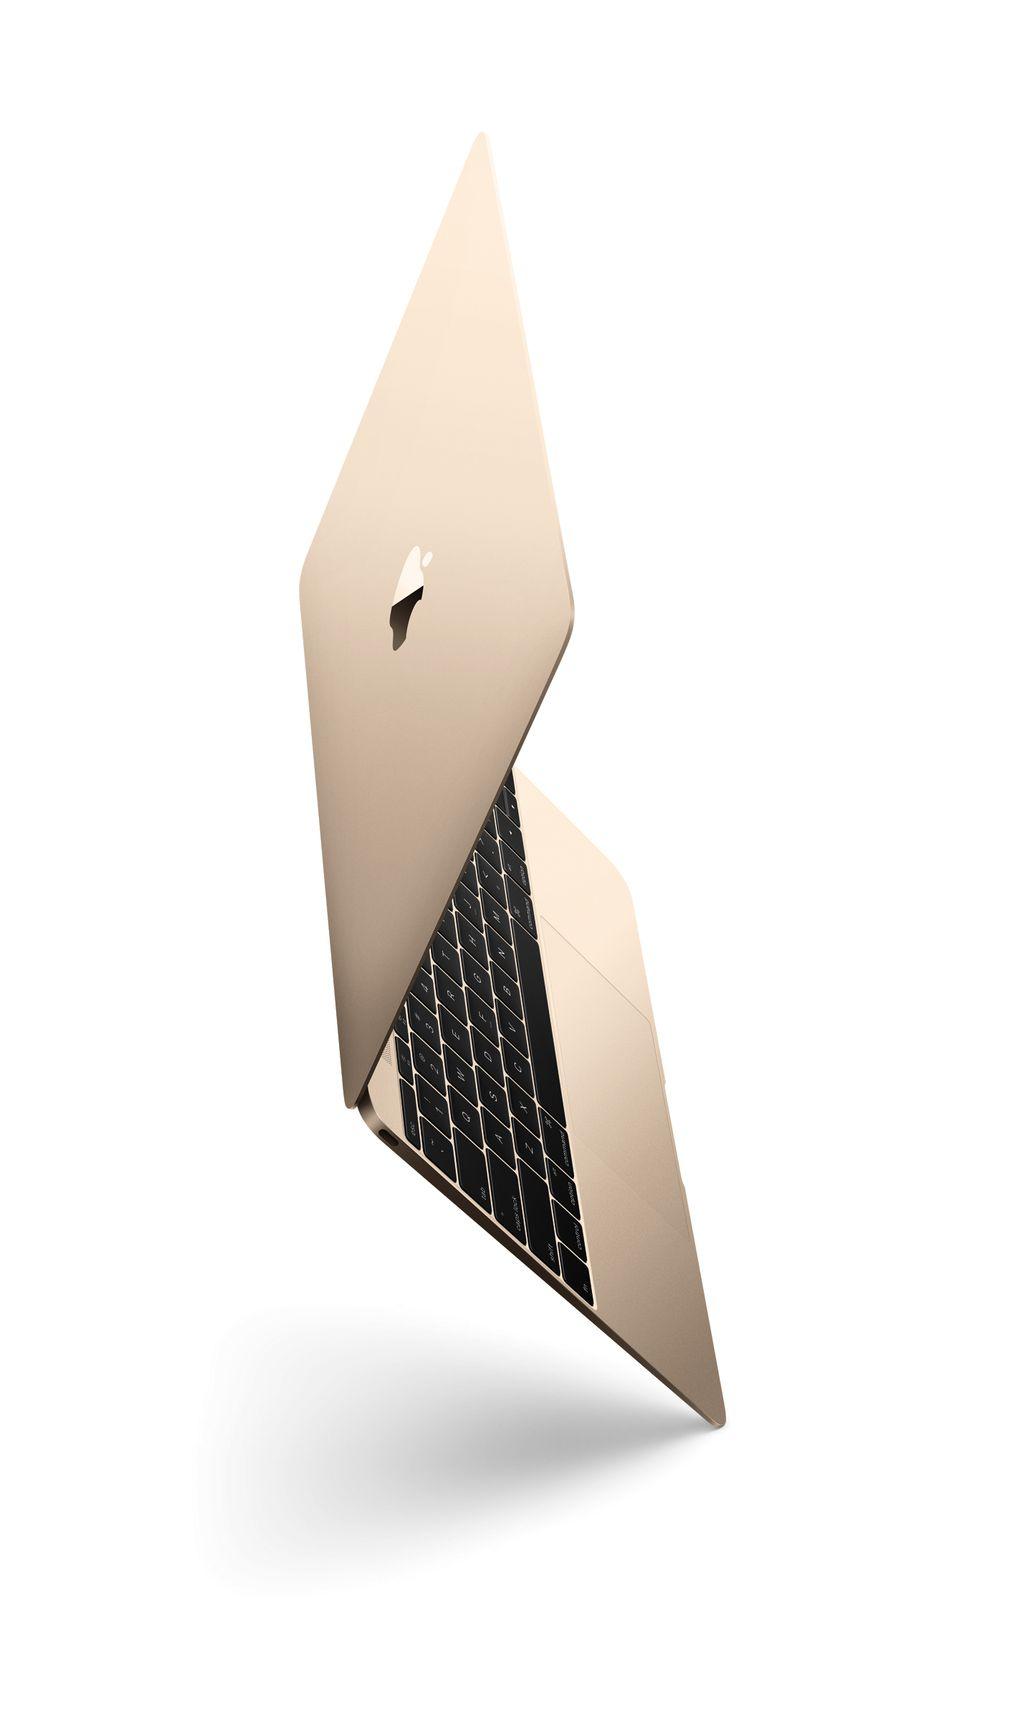 12 hüvelykes MacBook - vegyem, vagy ne vegyem?